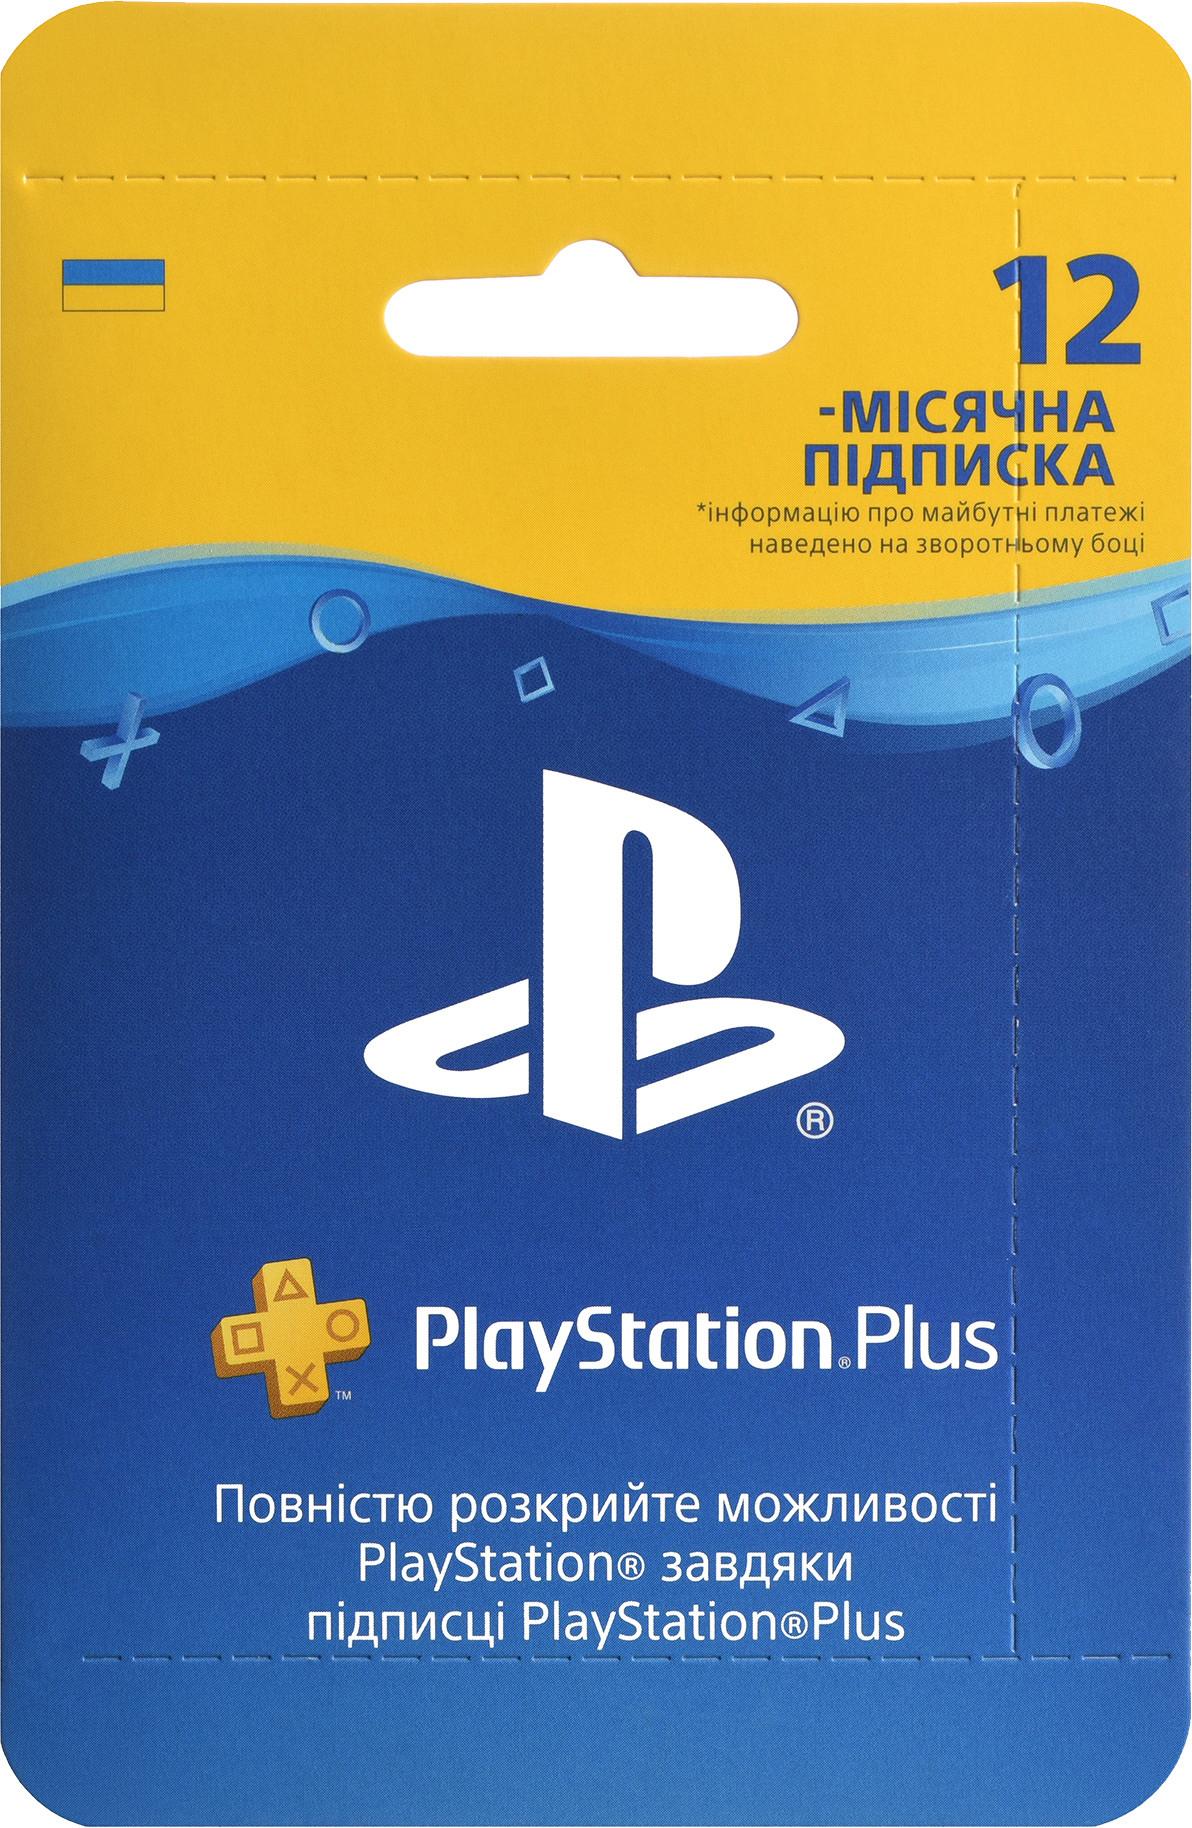 Підписка Playstation Plus на 12 місяців для активації в PS Store